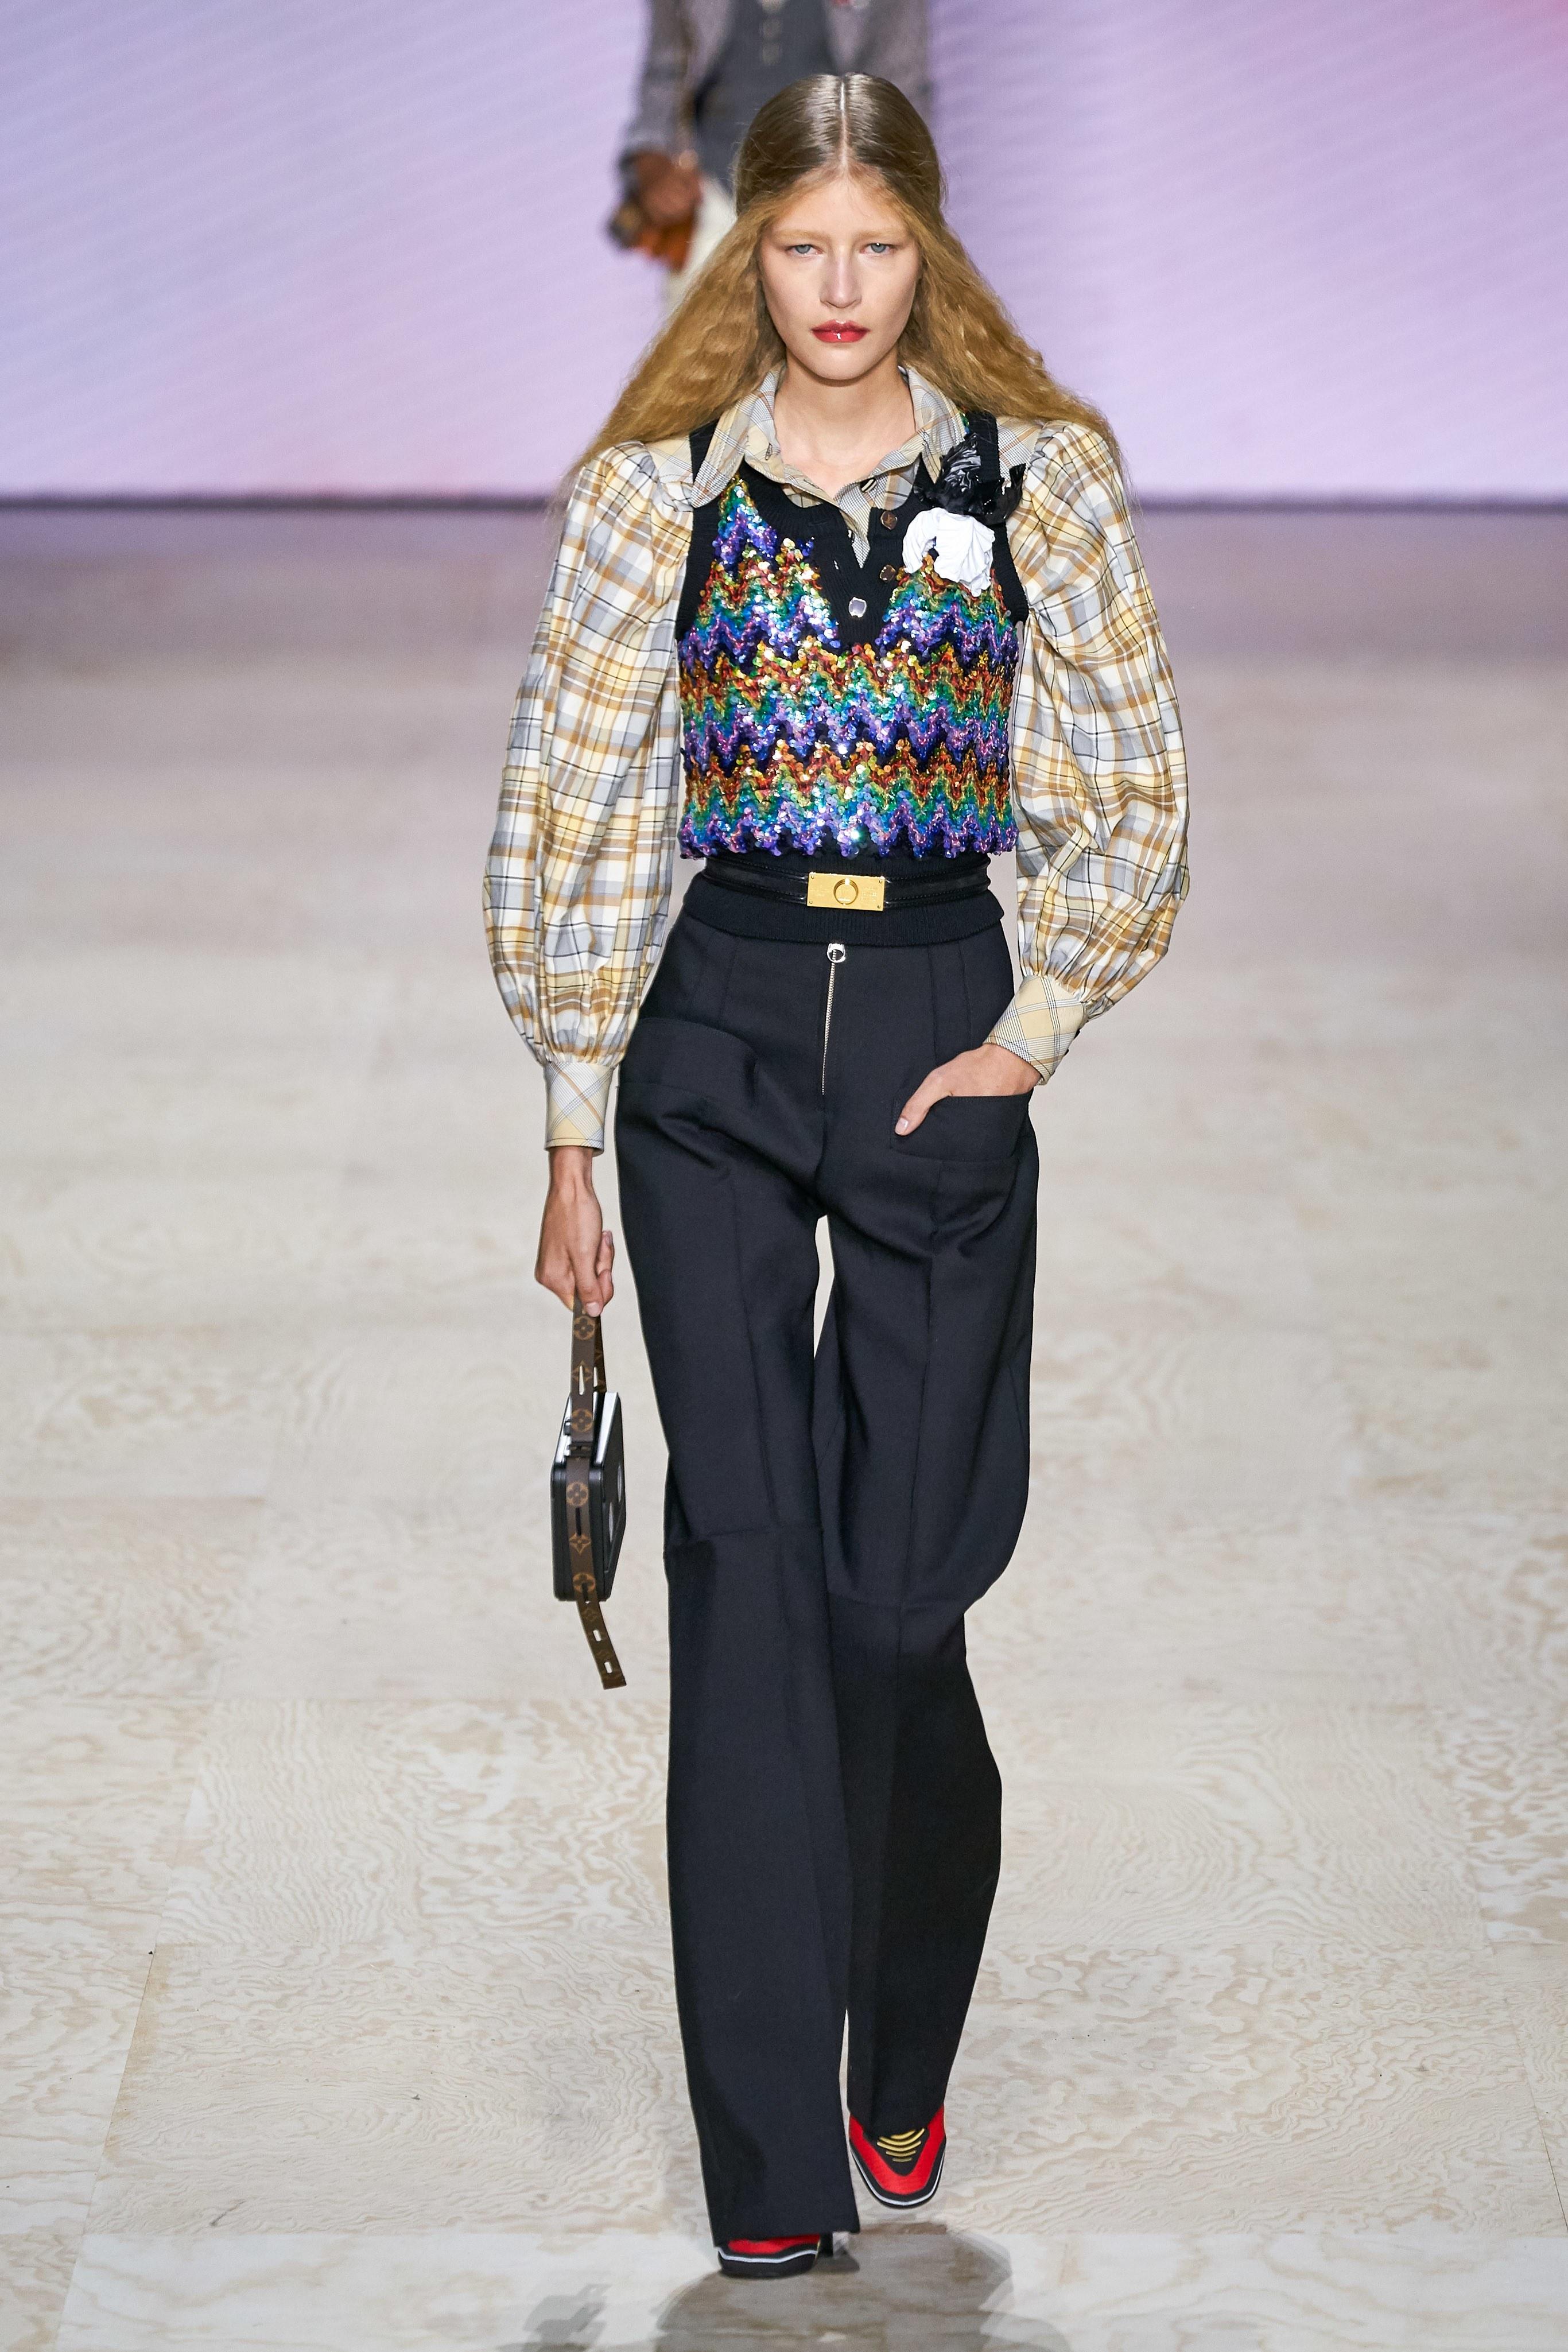 Louis Vuitton Spring Summer 2020 SS20 Vogue Runway sleeveless top